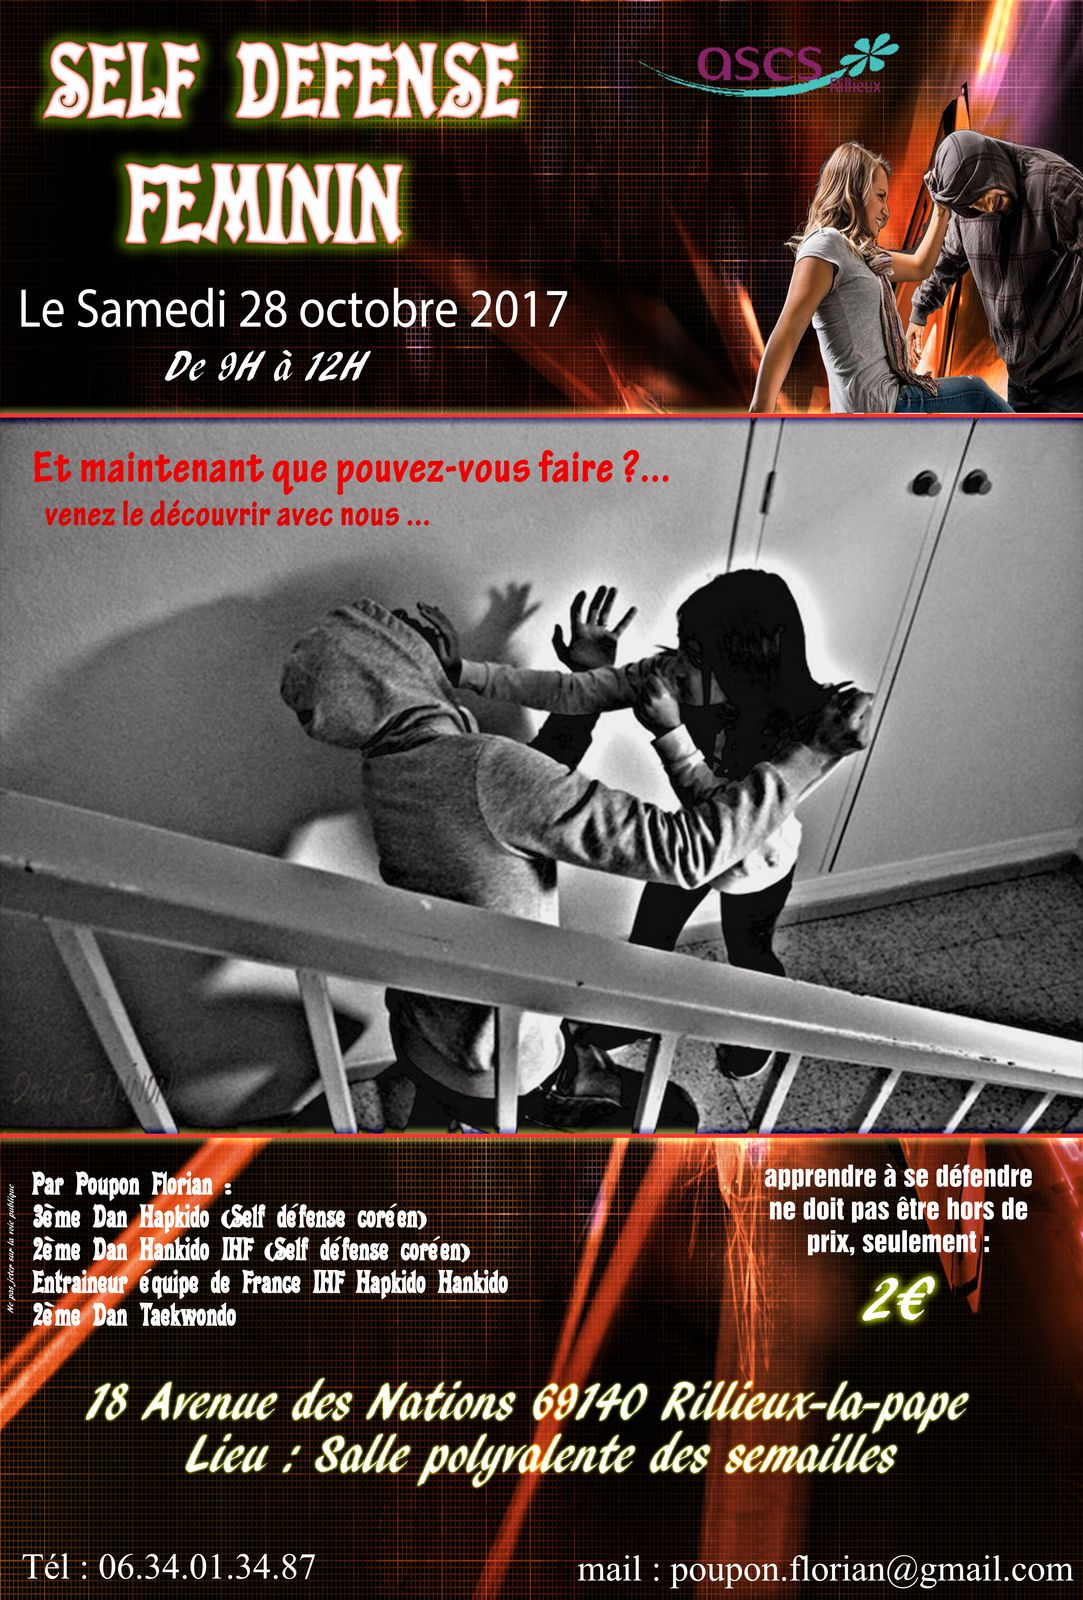 Affiche sdf 28 octobre 2017